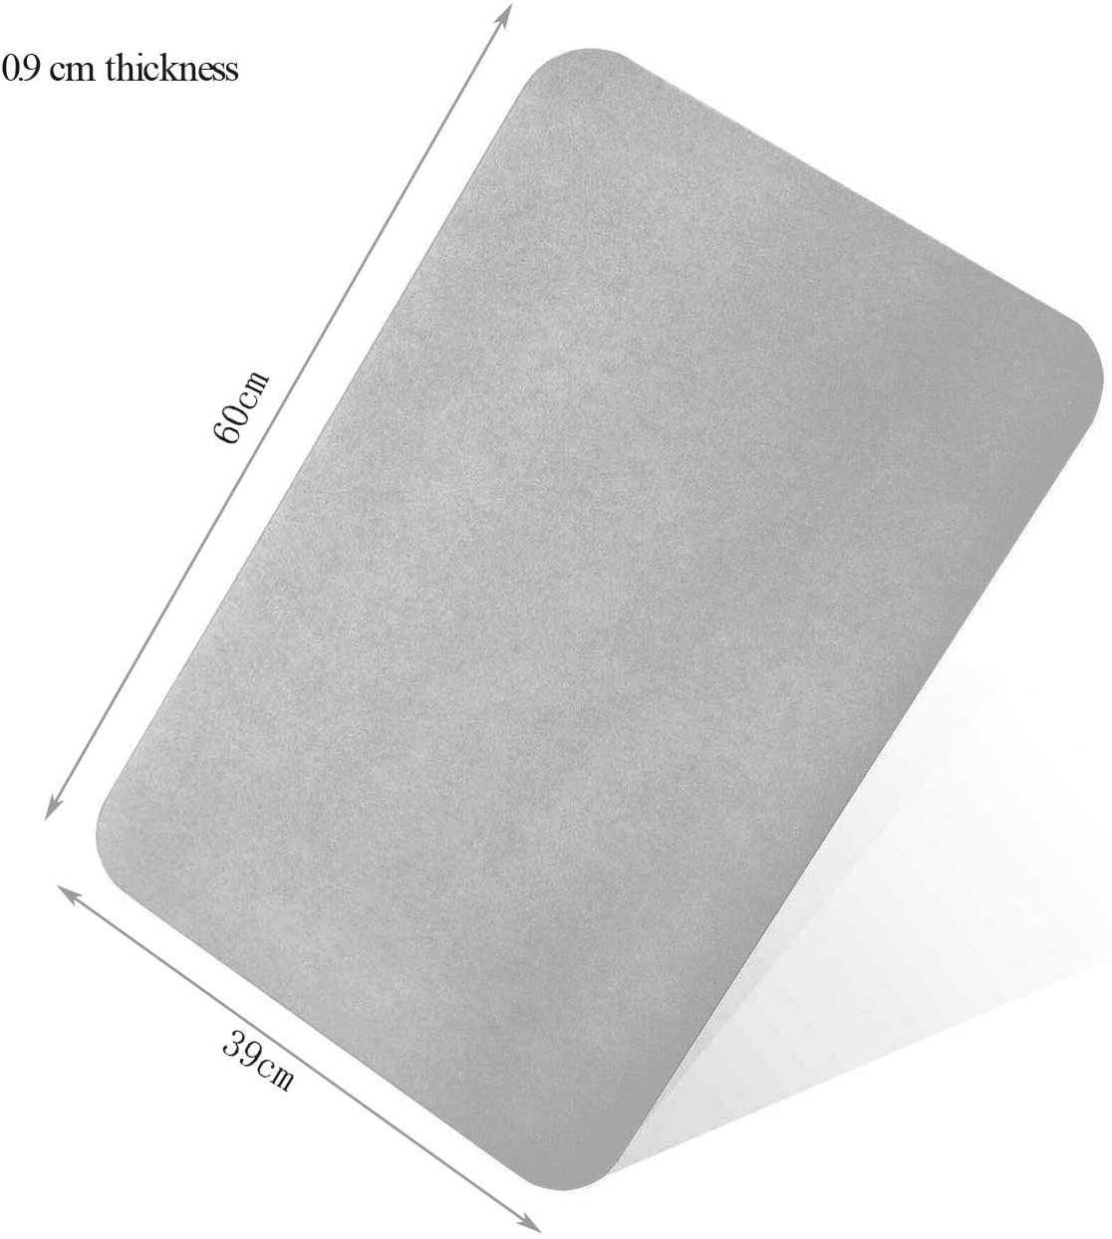 LaCyan Alfombra de Ba/ño de Diatomita Antideslizante de Secado R/ápido para Suelo de Ducha de Ba/ño 60 x 39 x 0.9 cm